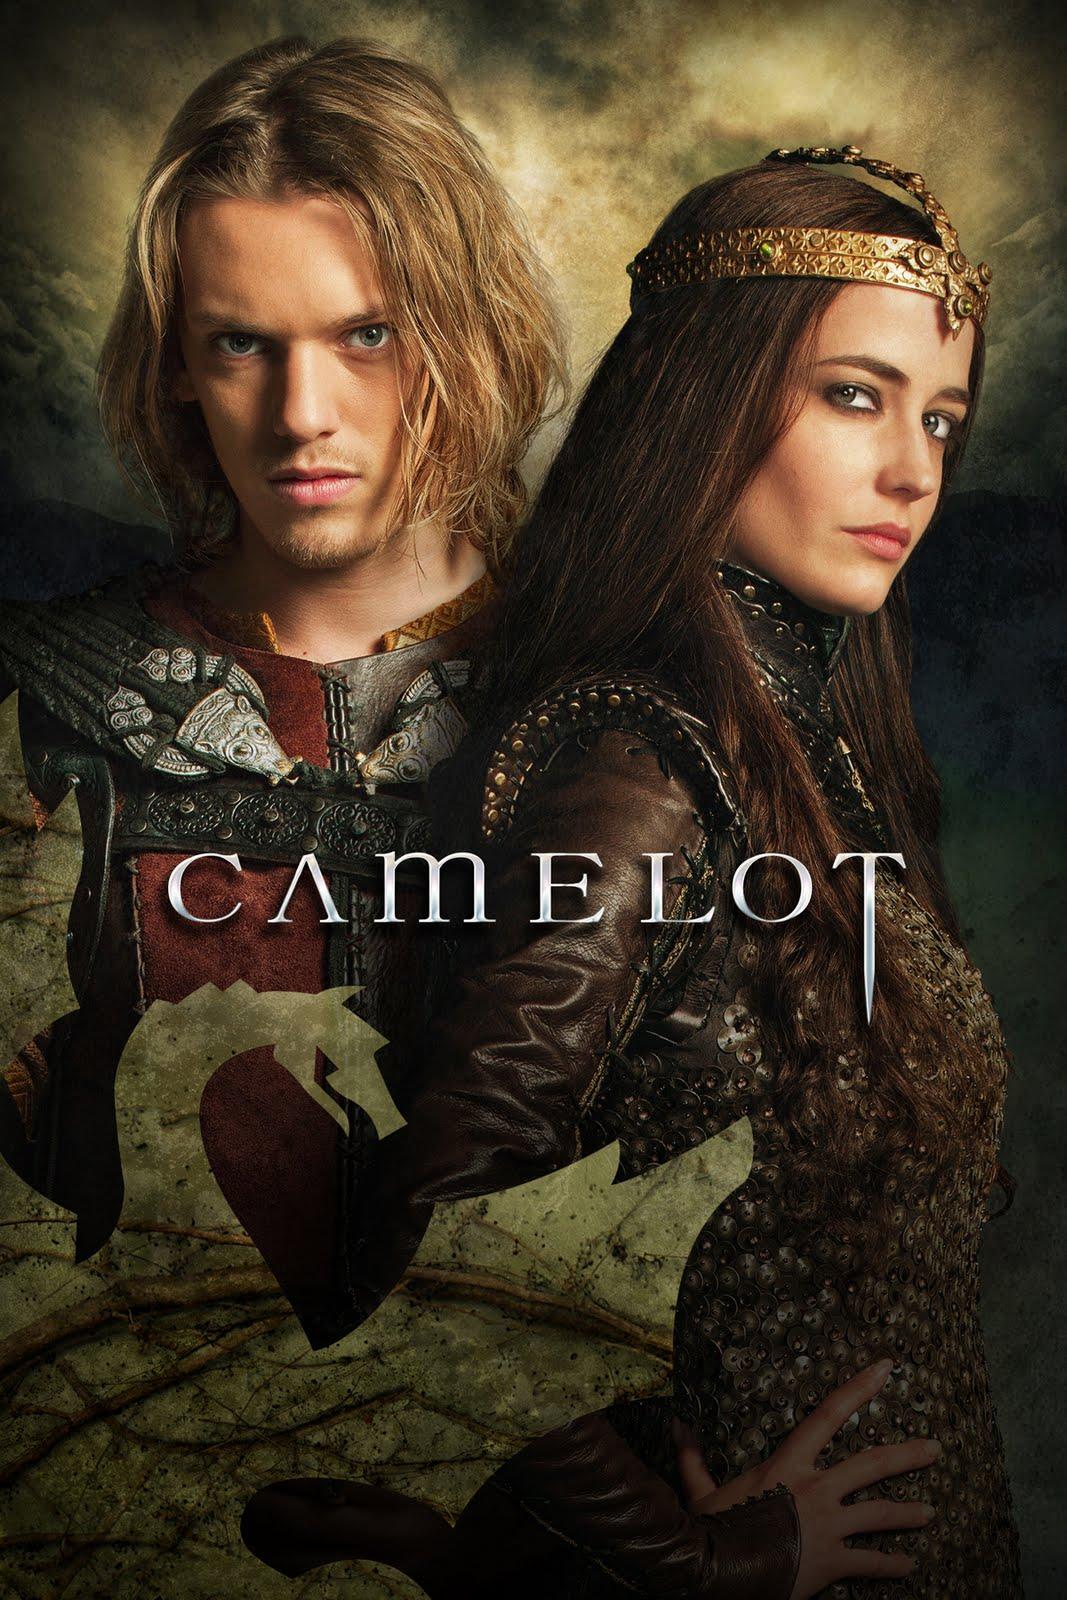 La légende de Camelot   VF  1 saison  Complet